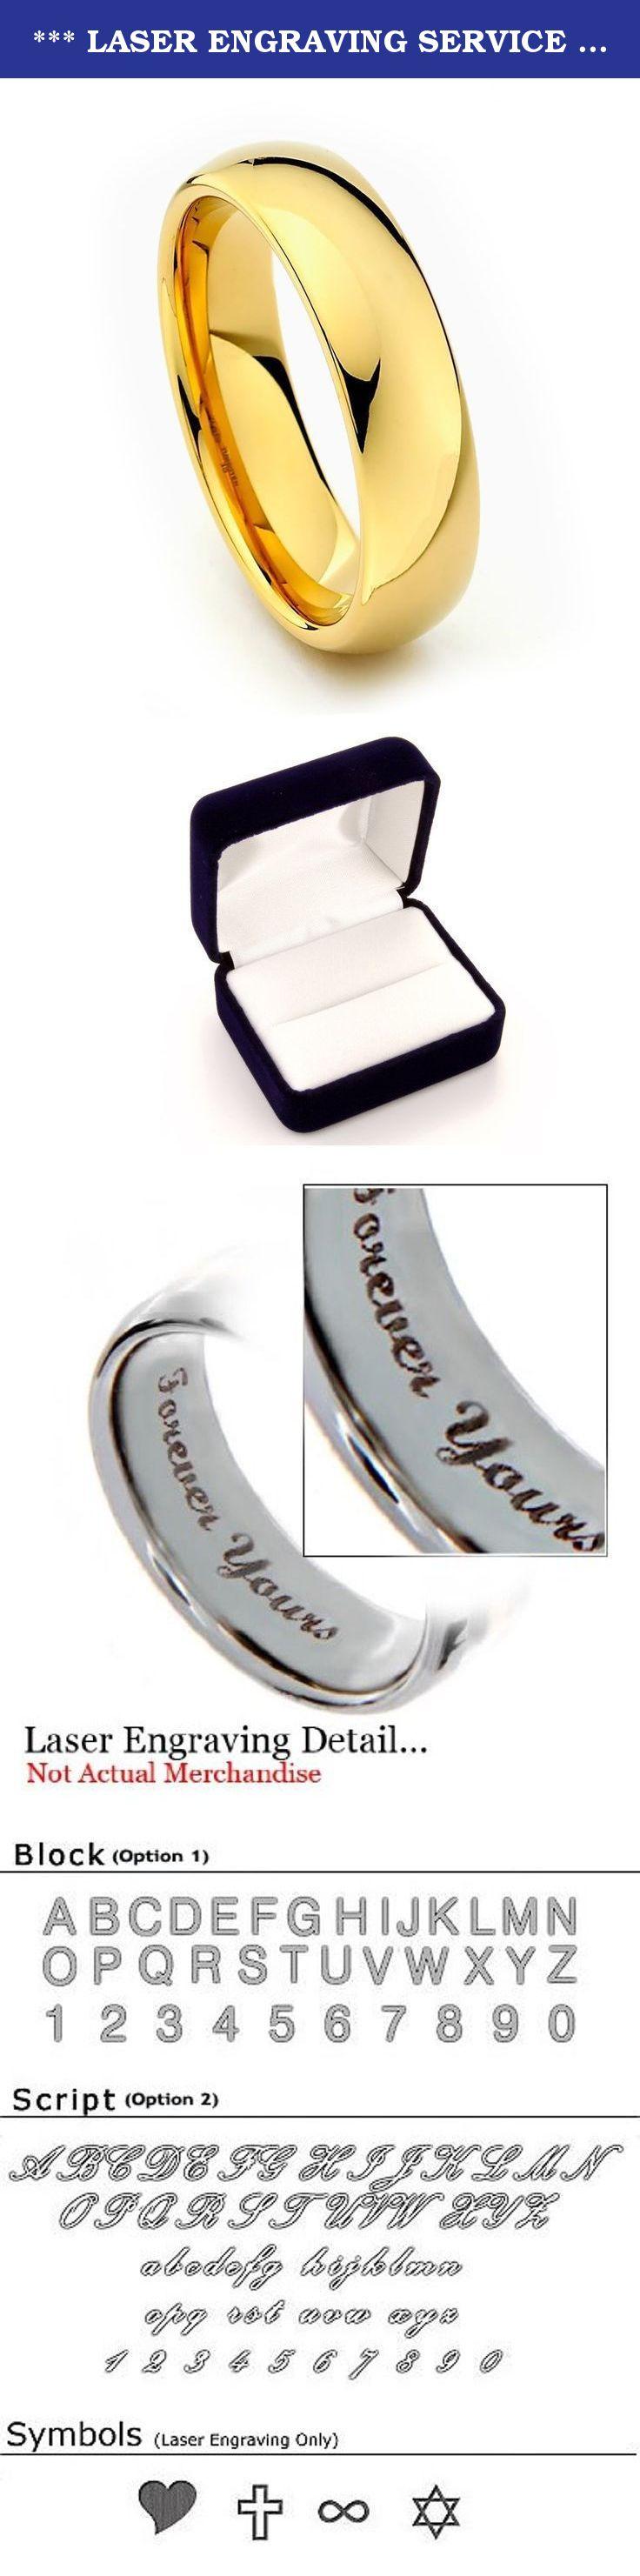 laser engraving service 6mm gold tone men s tungsten wedding